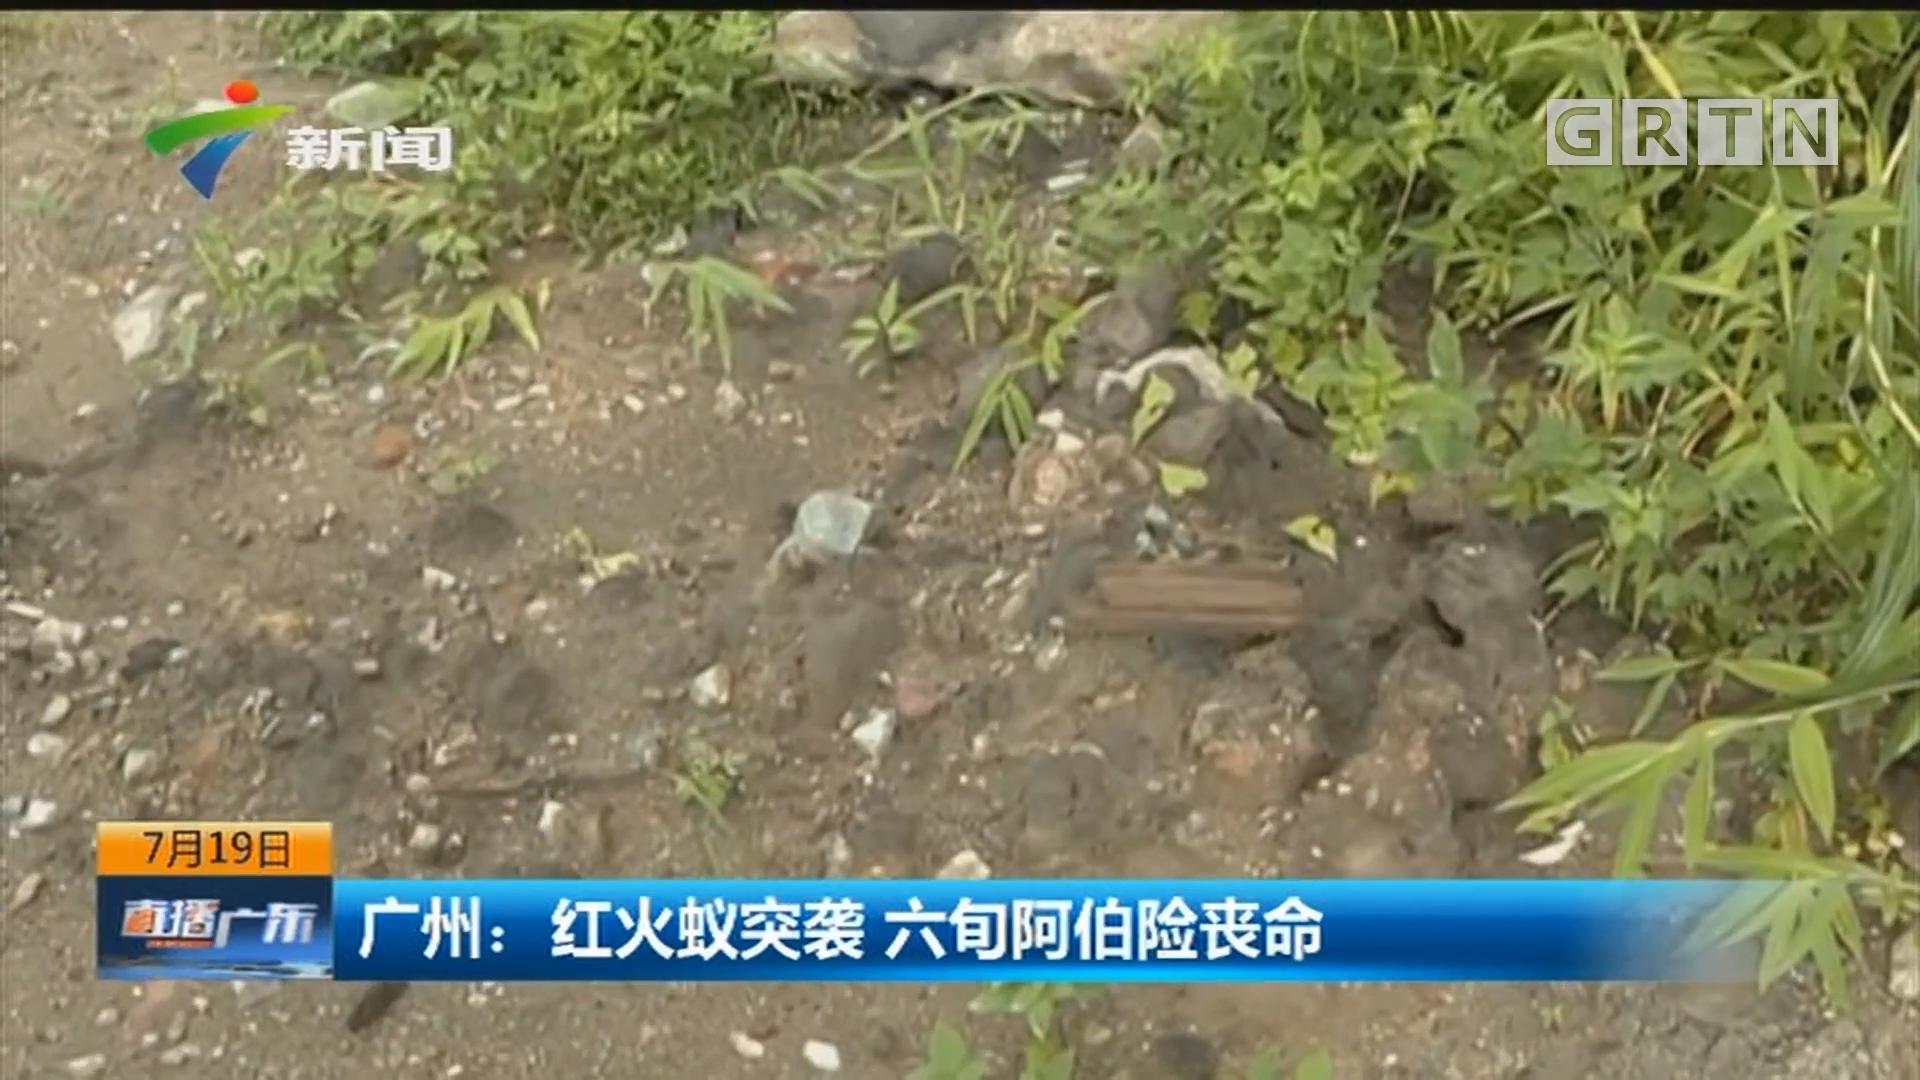 广州:红火蚁突袭 六旬阿伯险丧命